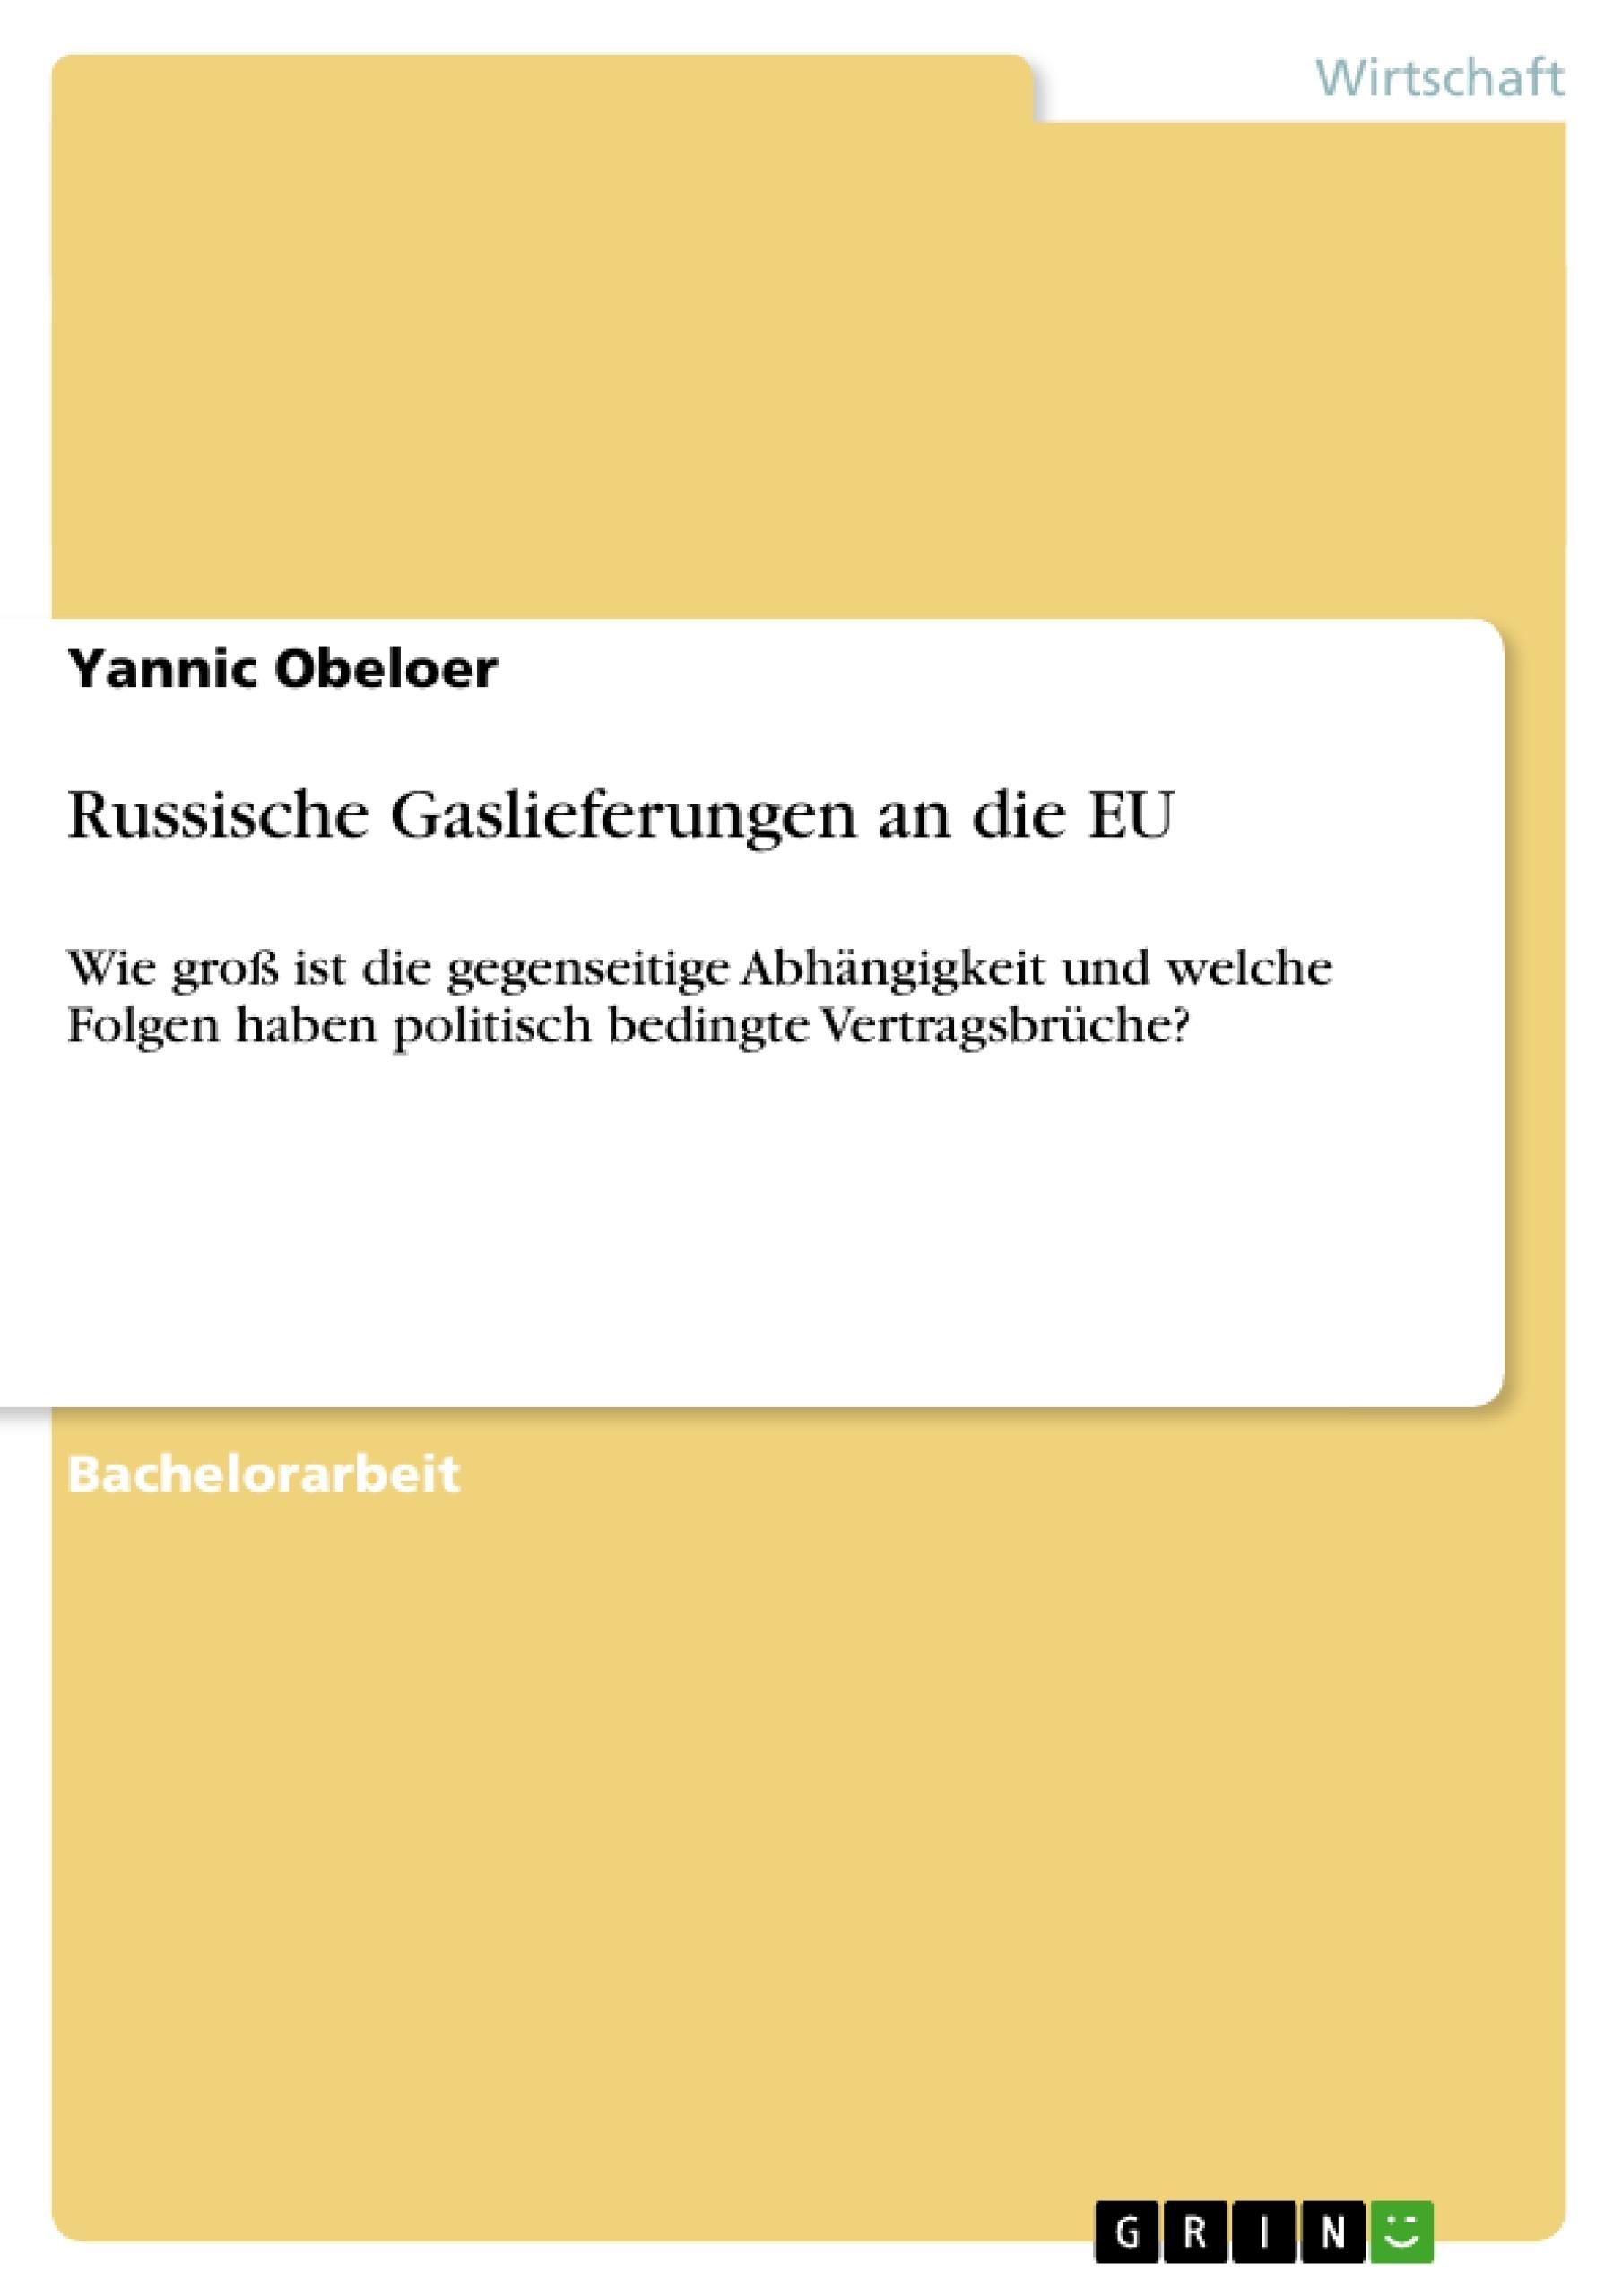 Titel: Russische Gaslieferungen an die EU